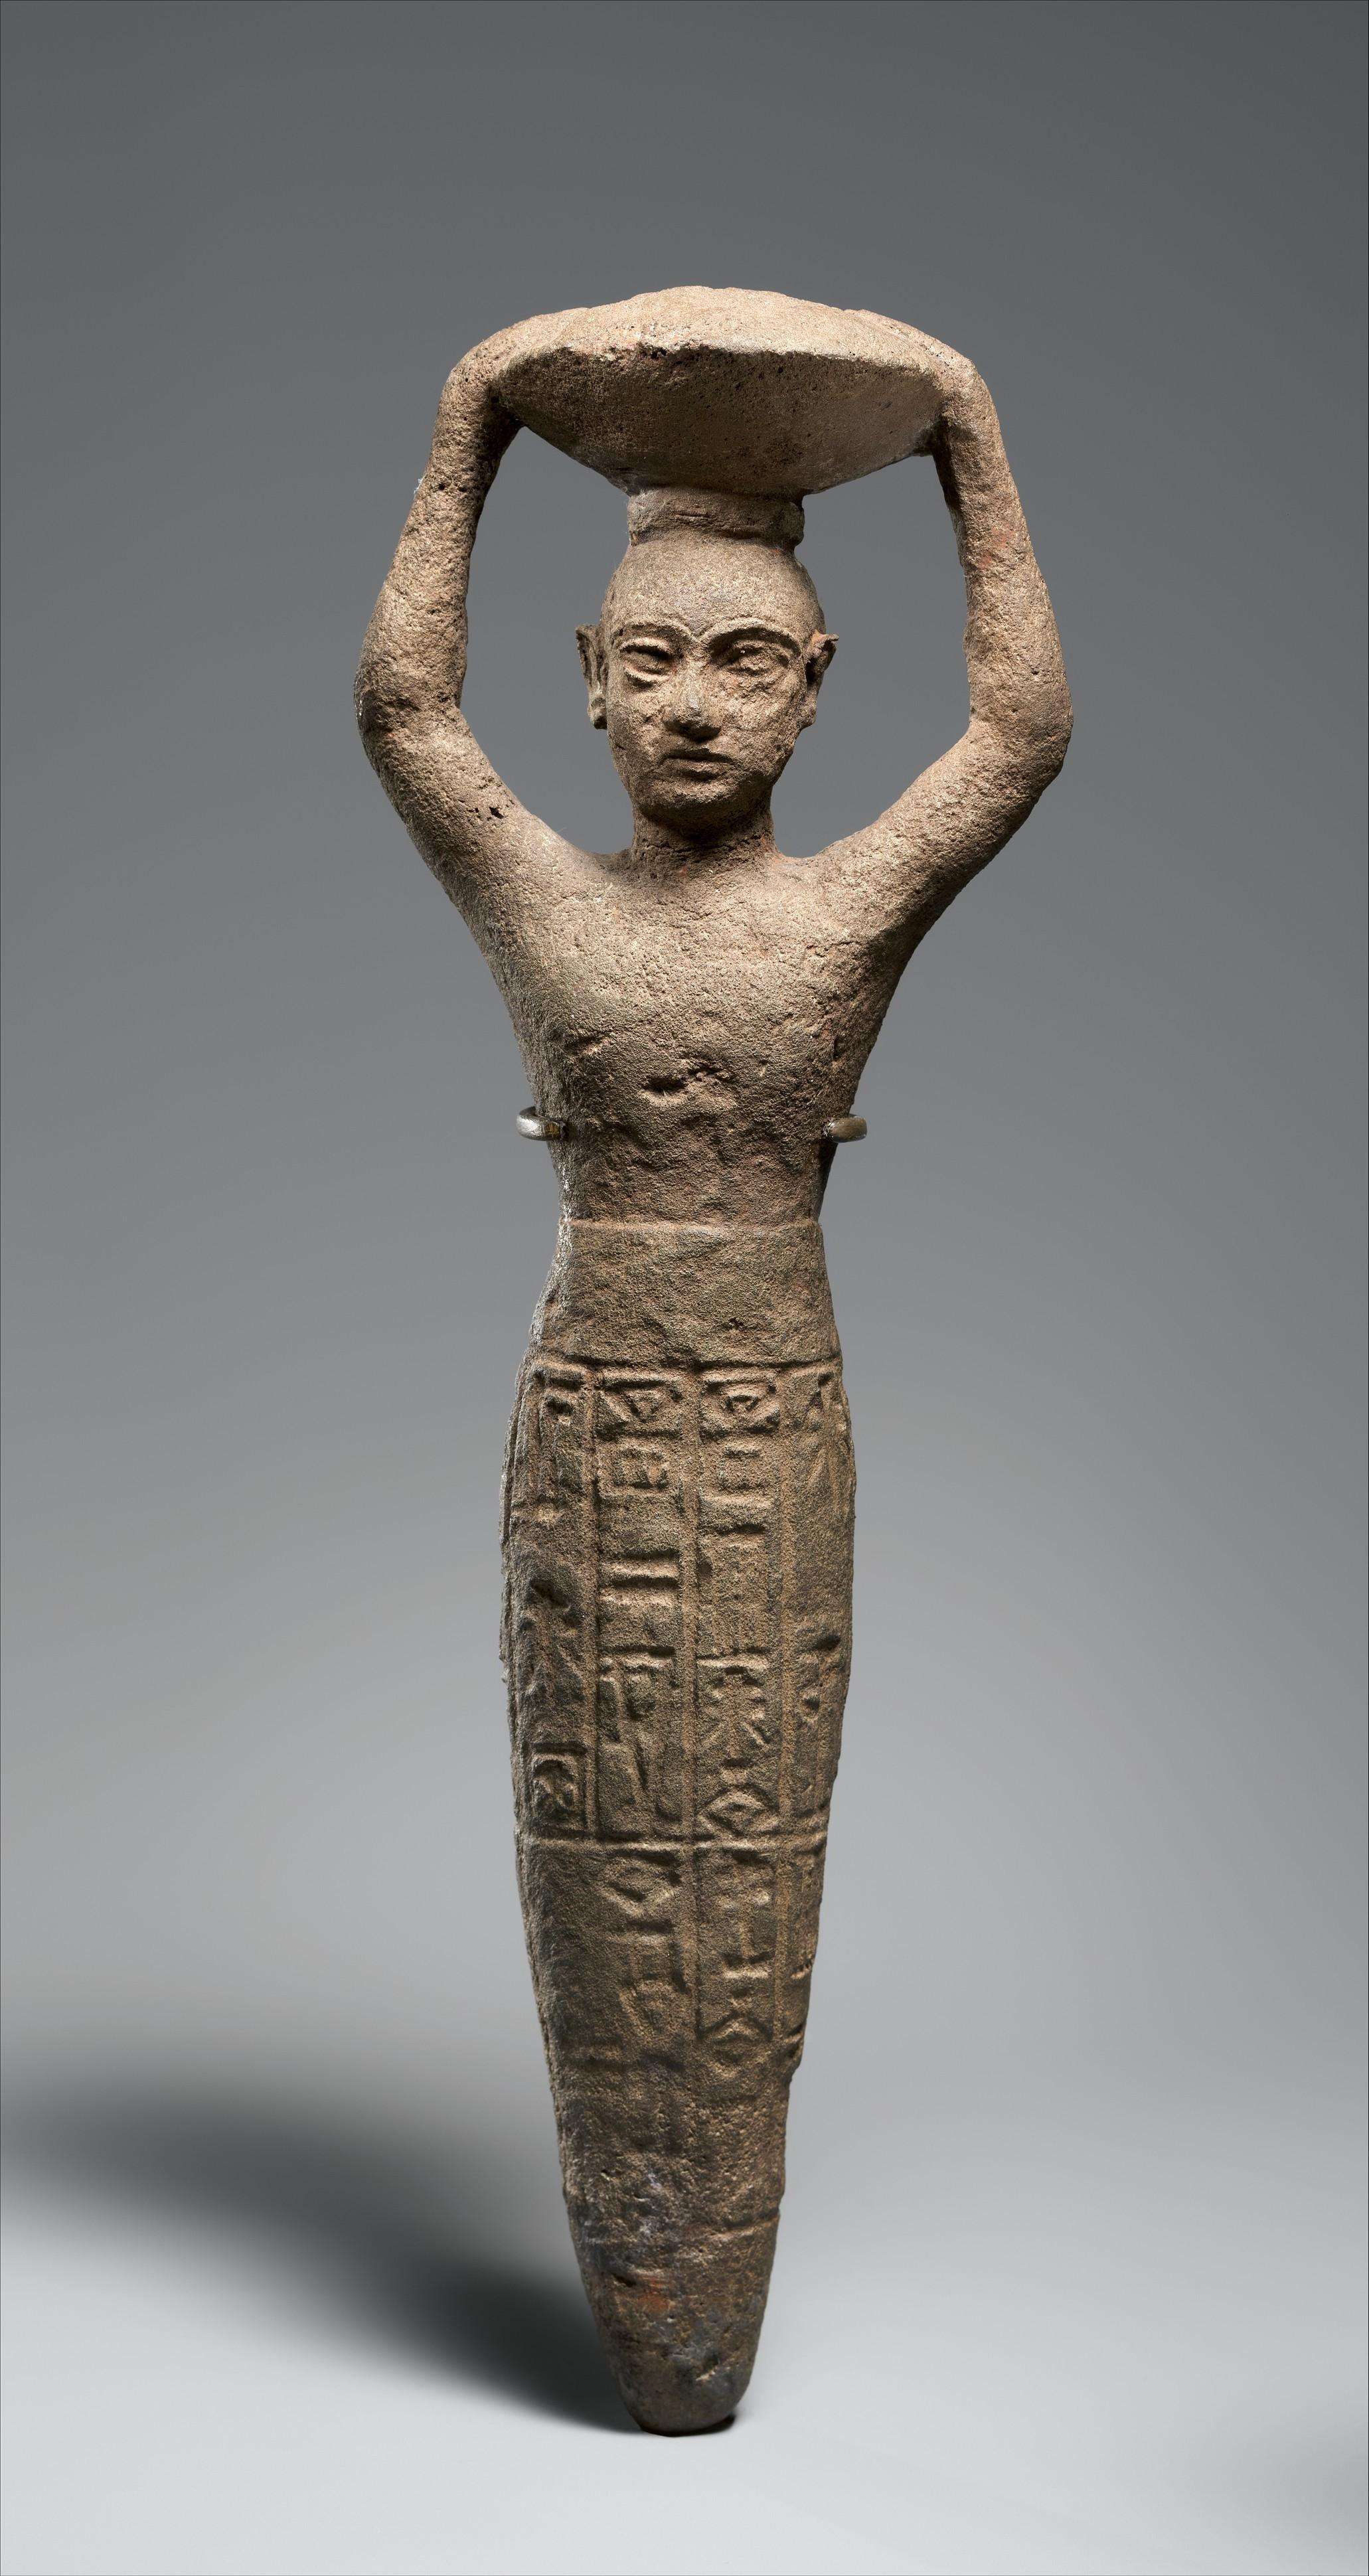 تمثال لامرأة يعود لهذه الحقبة - يلاحظ أن هناك نقوشاً أسفل التمثال